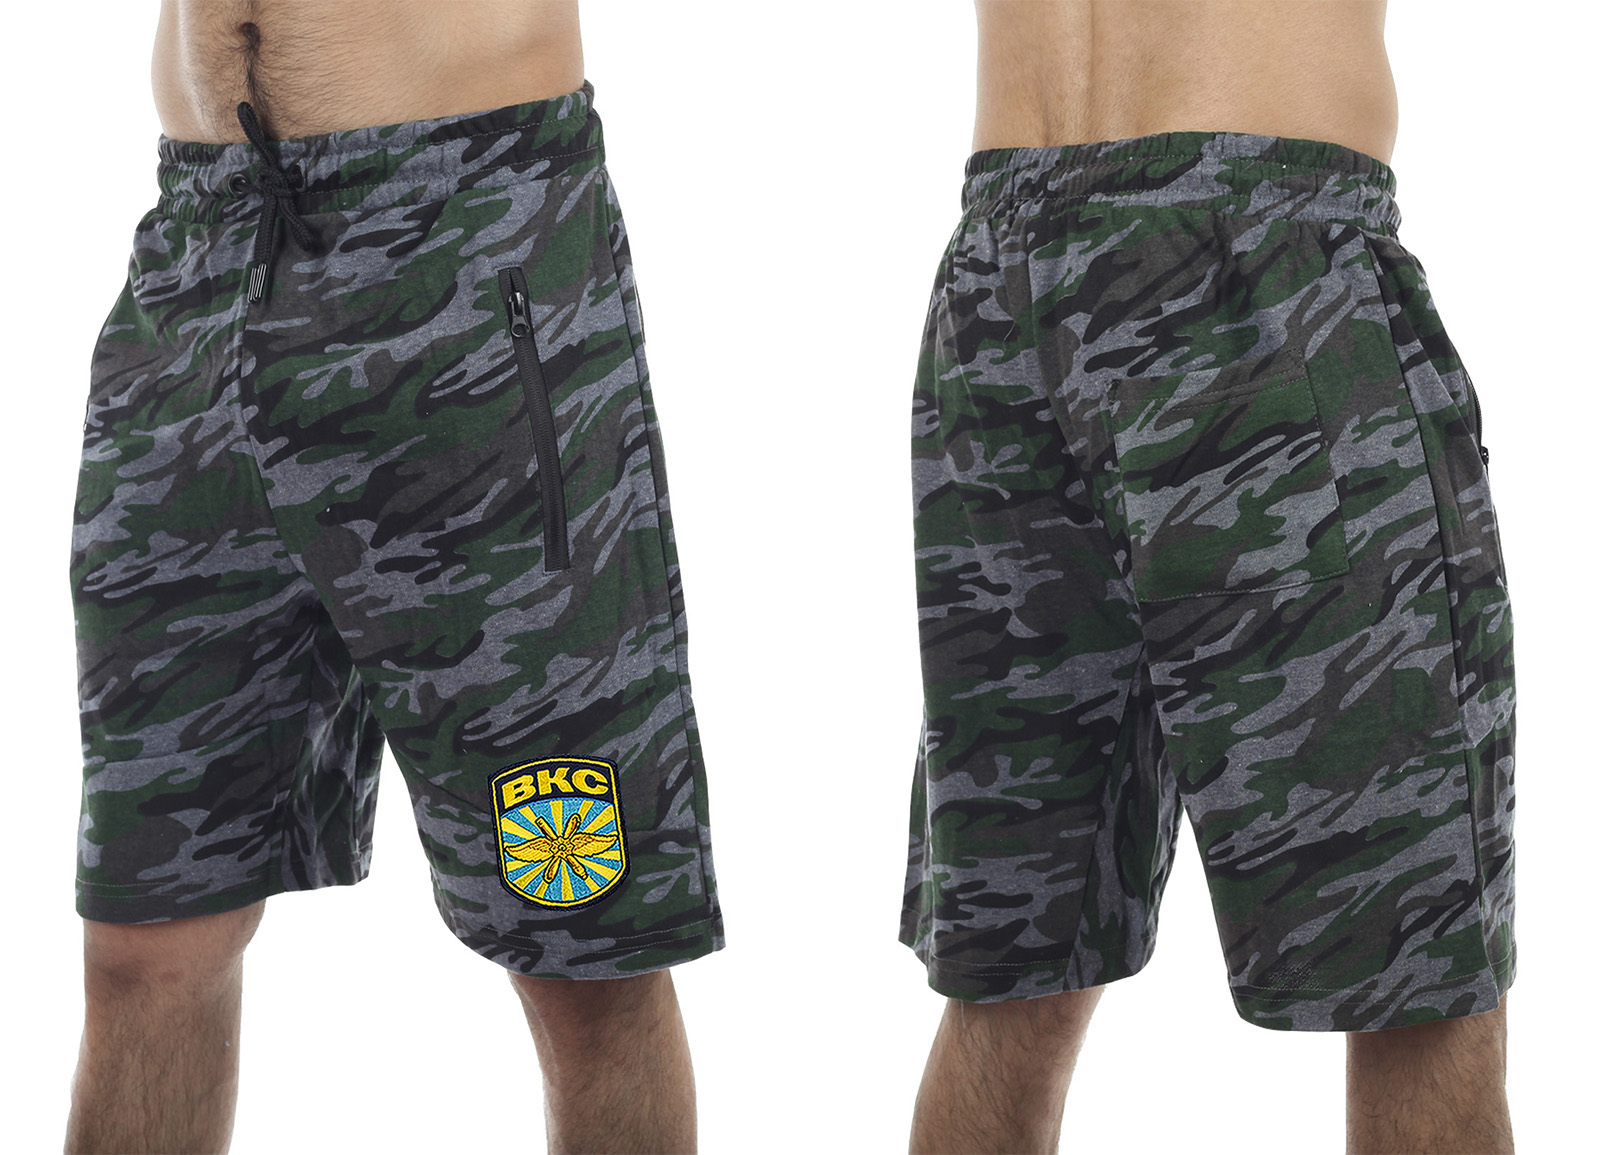 Удлиненные мужские милитари-шорты с нашивкой ВКС - купить с доставкой